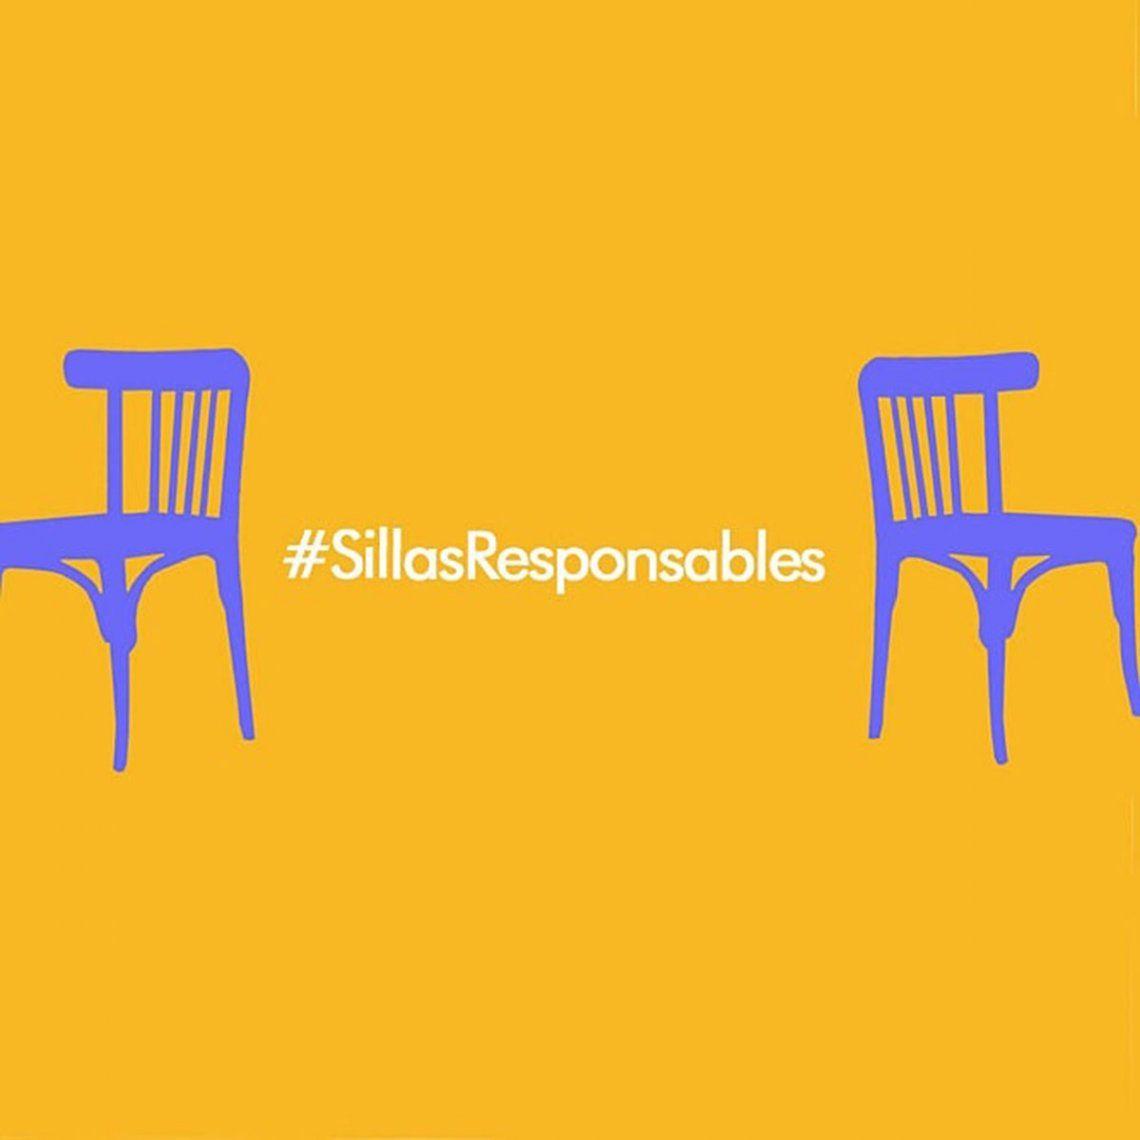 Lanzaron #SillasResponsables, una campaña de bares para concientizar a los clientes y poder trabajar